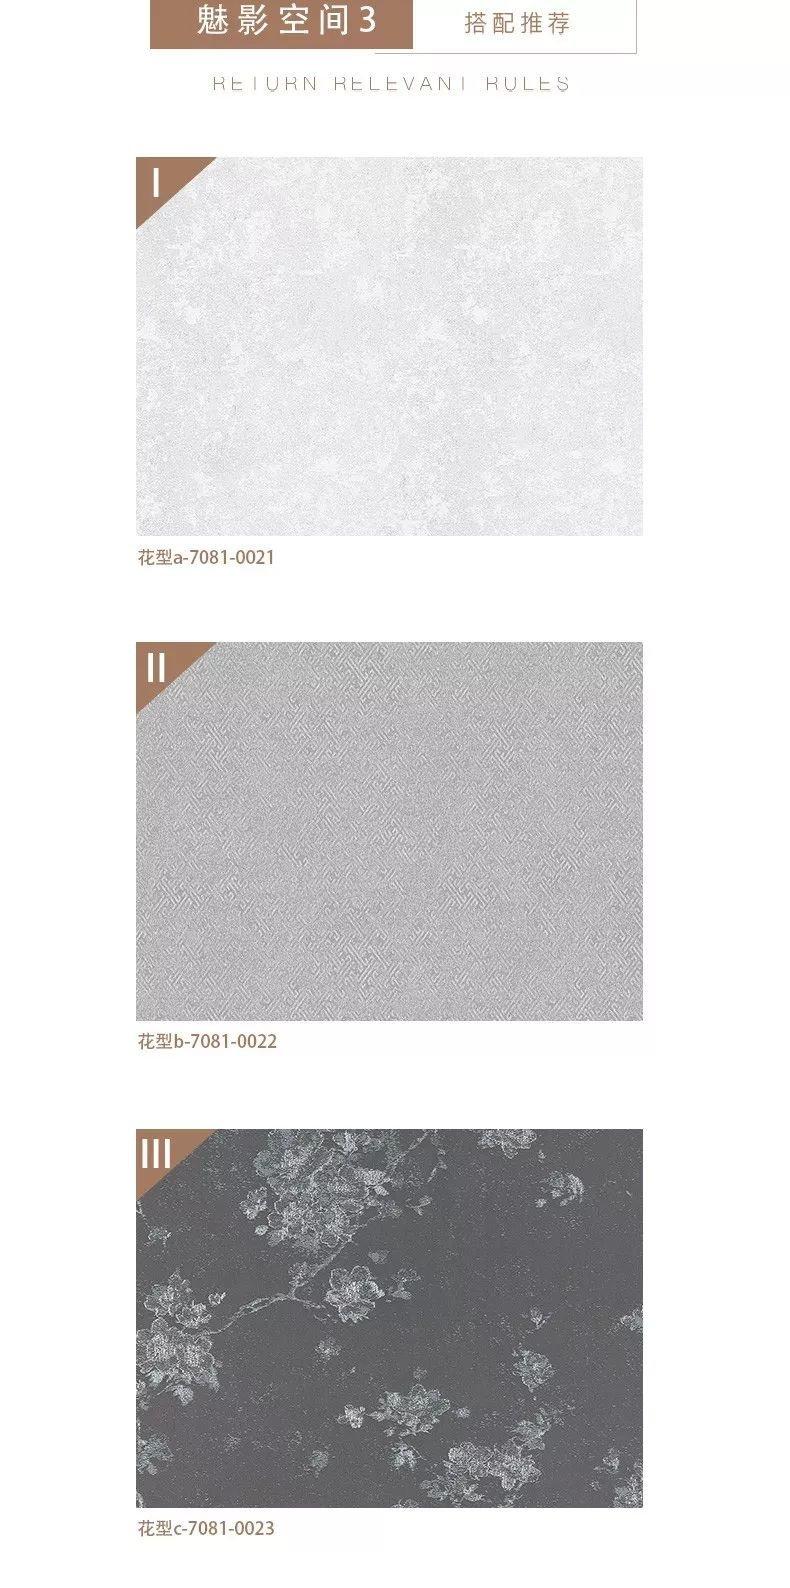 布鲁斯特墙纸《魅影空间III》 灰色系墙布装修效果图